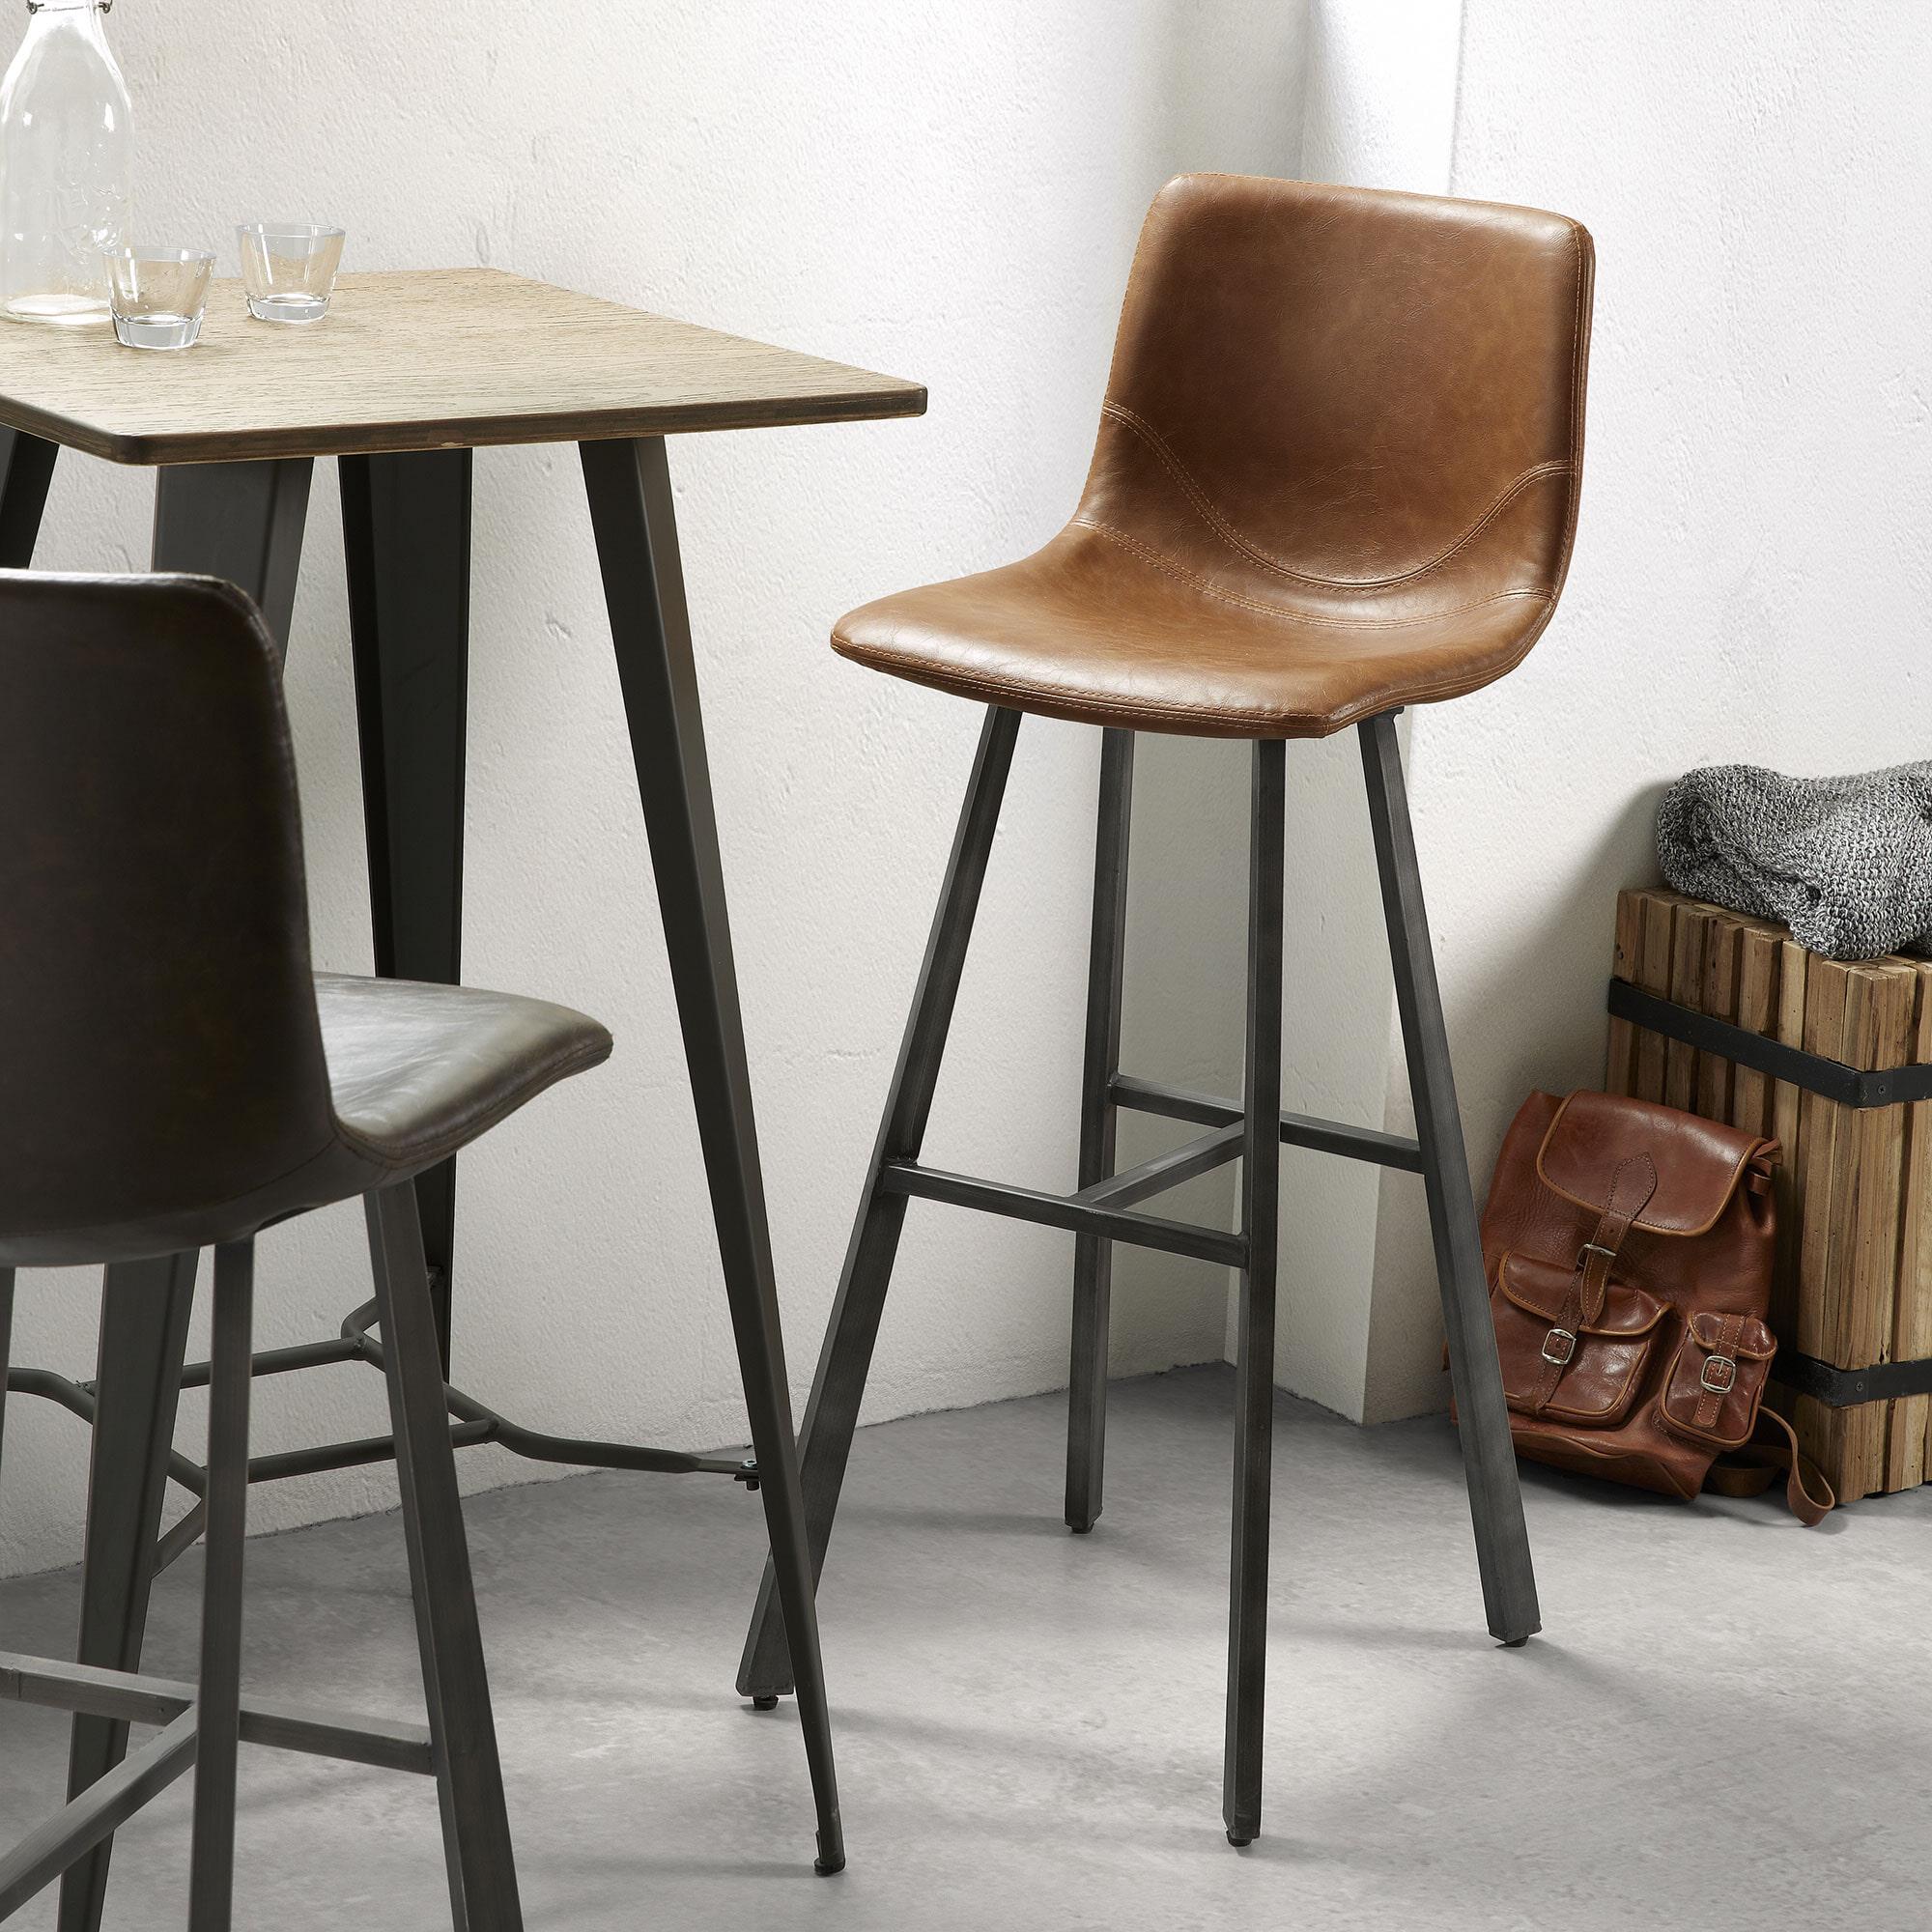 Kave Home Barkruk 'Trap' (zithoogte 81cm), kleur cognac Zitmeubelen | Barkrukken & Barstoelen vergelijken doe je het voordeligst hier bij Meubelpartner